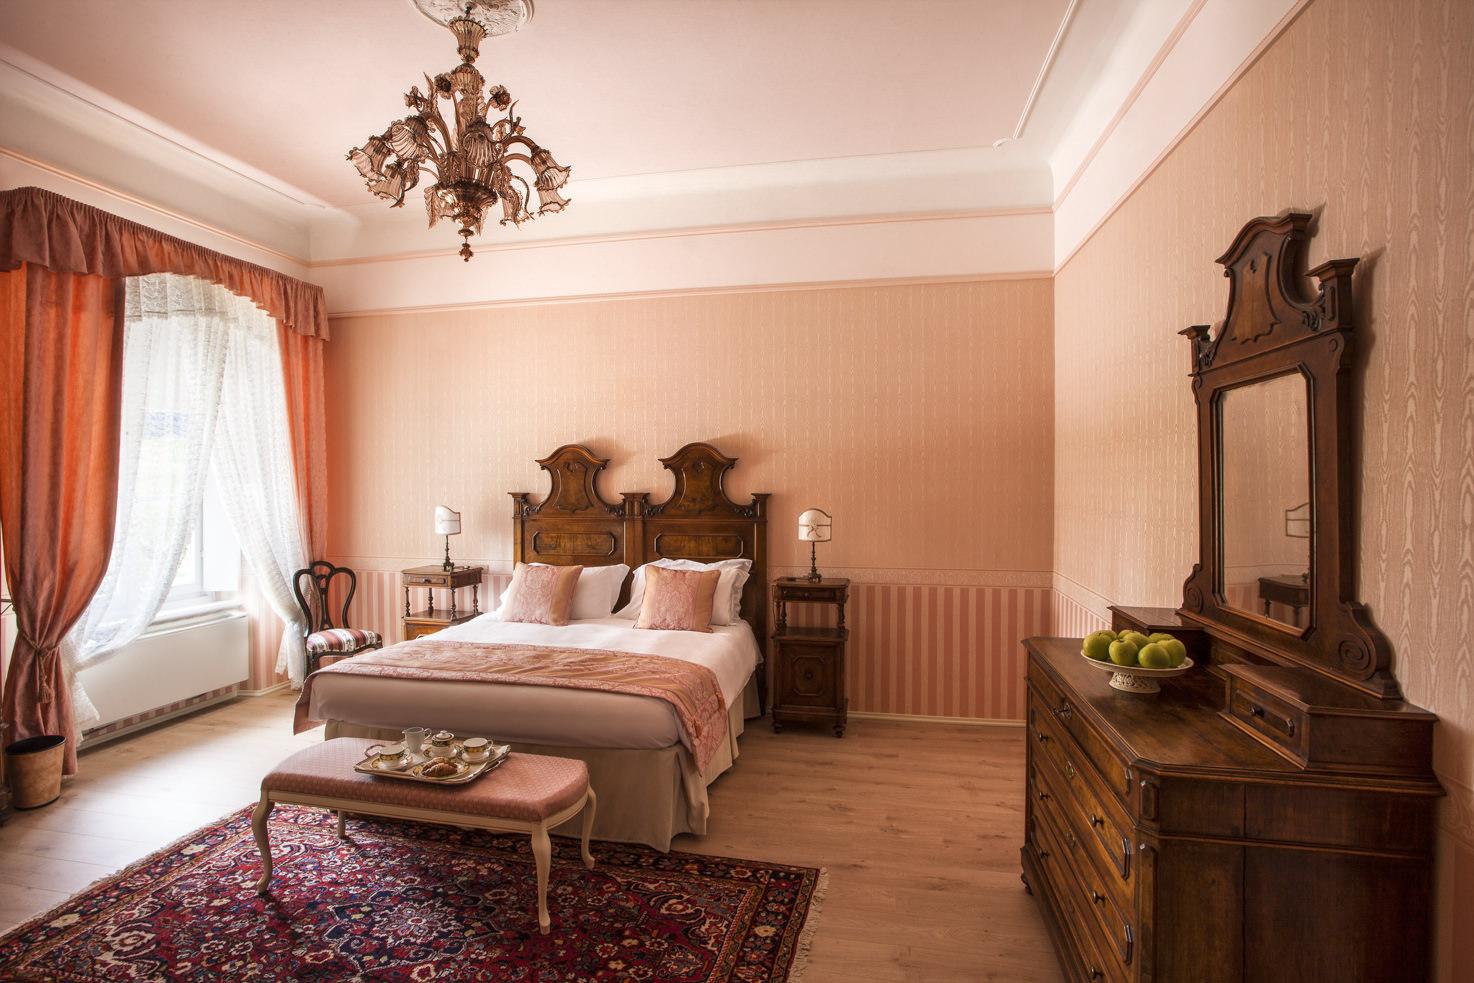 Accommodation at Castello di Spessa